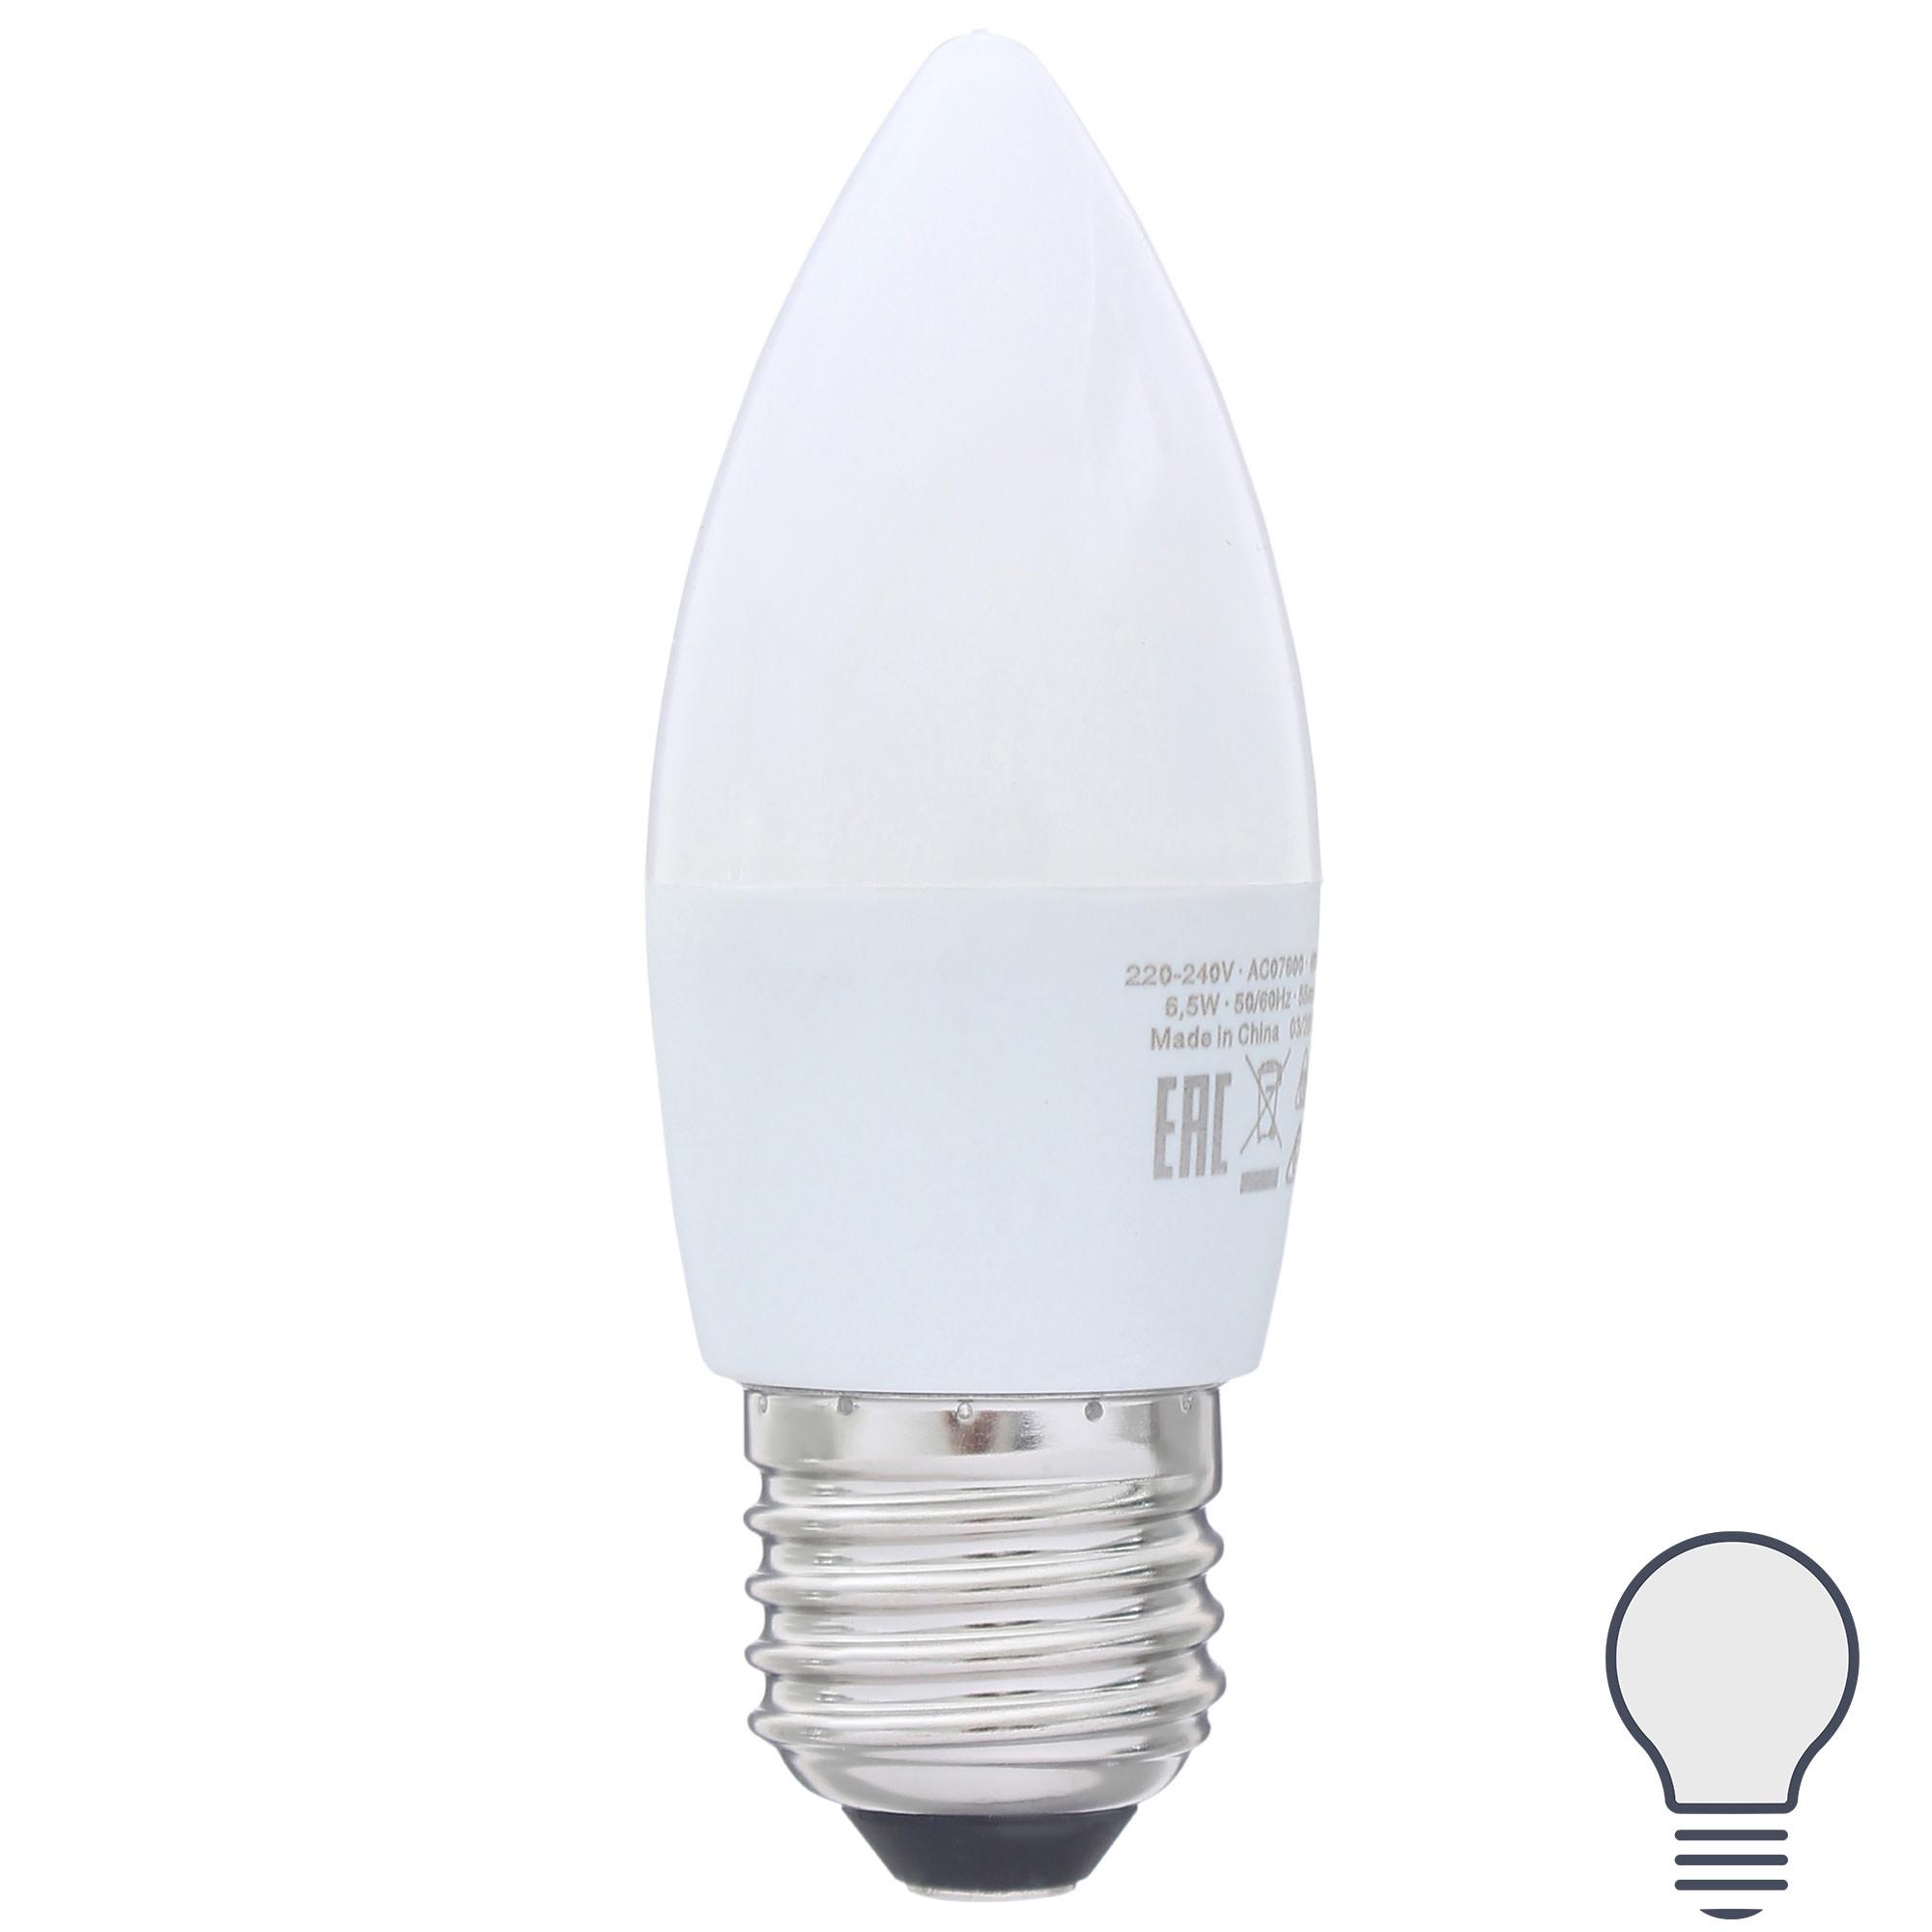 Лампа светодиодная Osram «Свеча» E27 6.5 Вт 550 Лм свет холодный белый